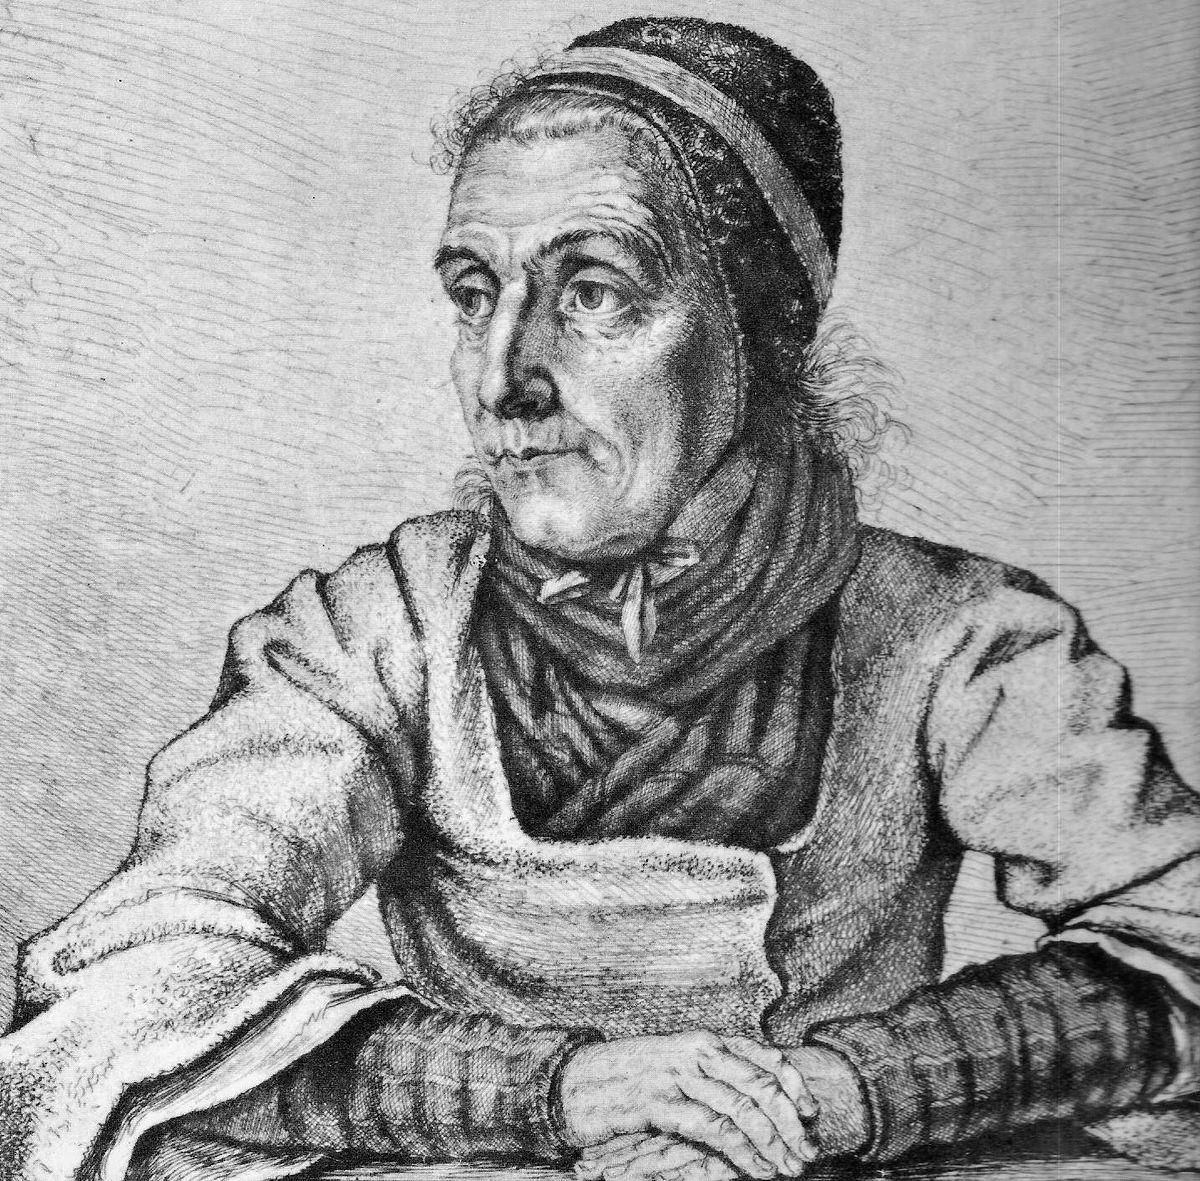 dorothea viehmann wikipedia - Gebruder Grimm Lebenslauf